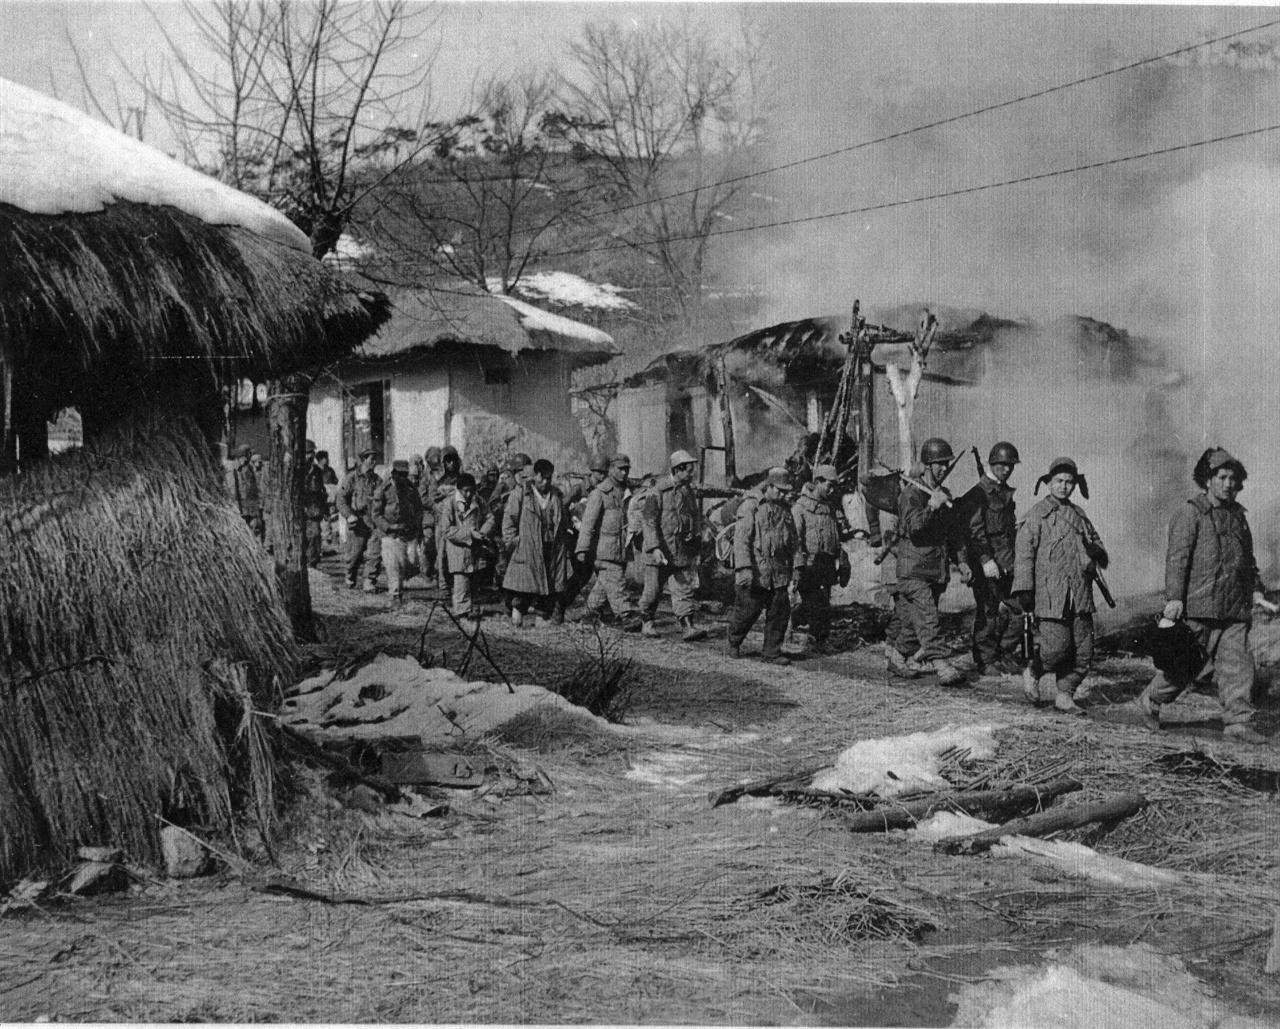 강원도 횡성, 유엔군이 원주 북쪽 안흥리 마을을 지나고 있다(1951. 2. 5.).